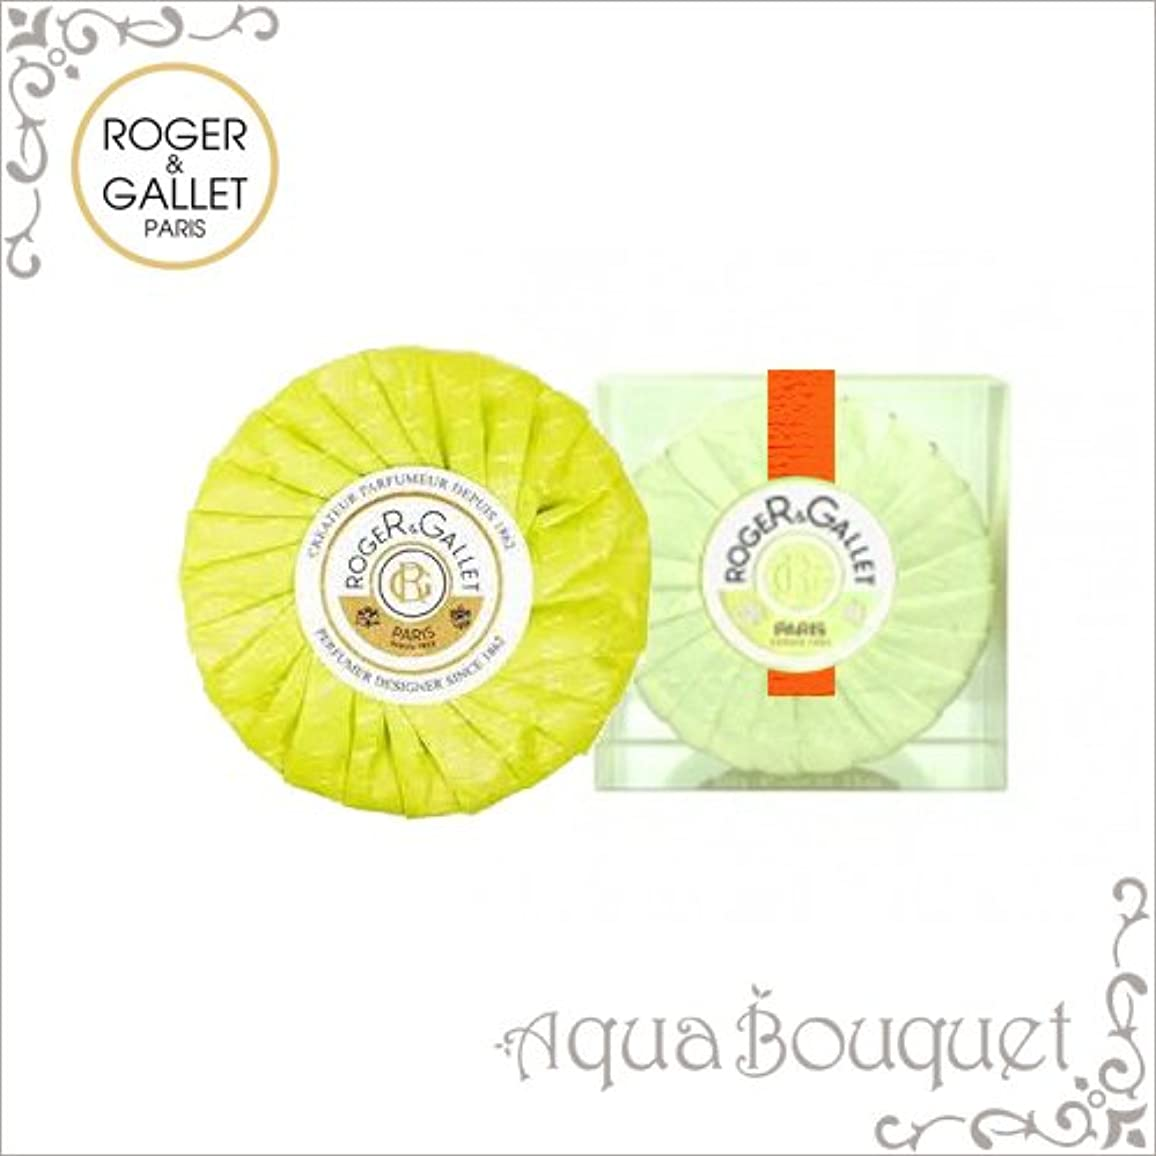 休憩する主張するヘロインロジェガレ オスマンティウスパフューム 香水石鹸 100g ROGER&GALLET FLEUR D'OSMANTHUS PERFUMED SOAP [1278](プラスチック簡易ケース入り) [並行輸入品]